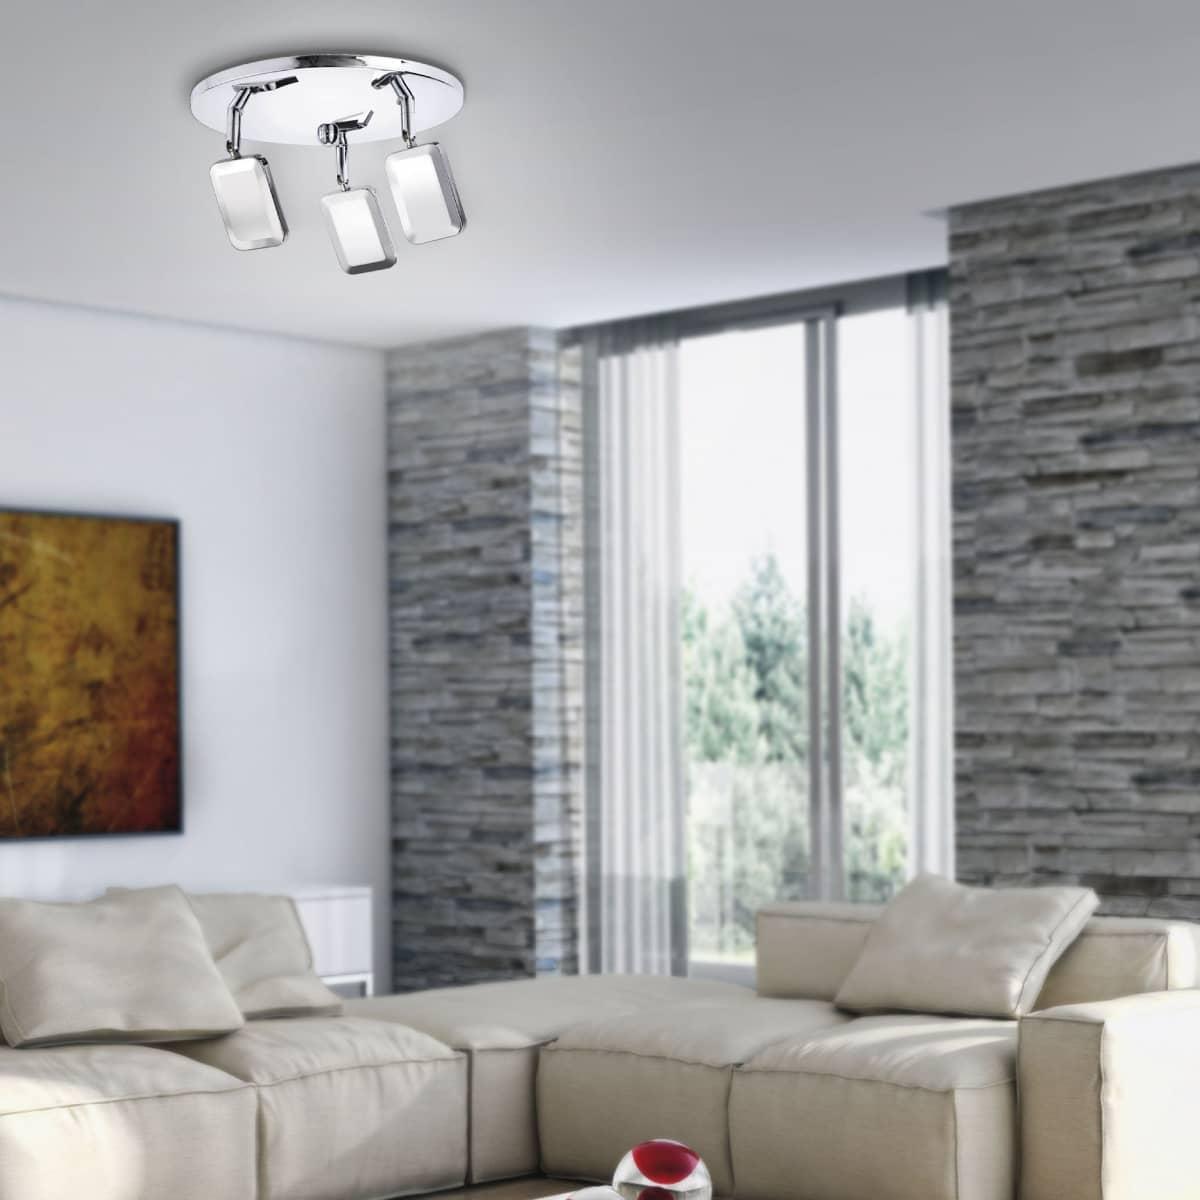 LED-Deckenleuchte in Chrom mit 3 verstellbaren Leuchtköpfen und warmweißer Lichtfarbe ist energiesparend